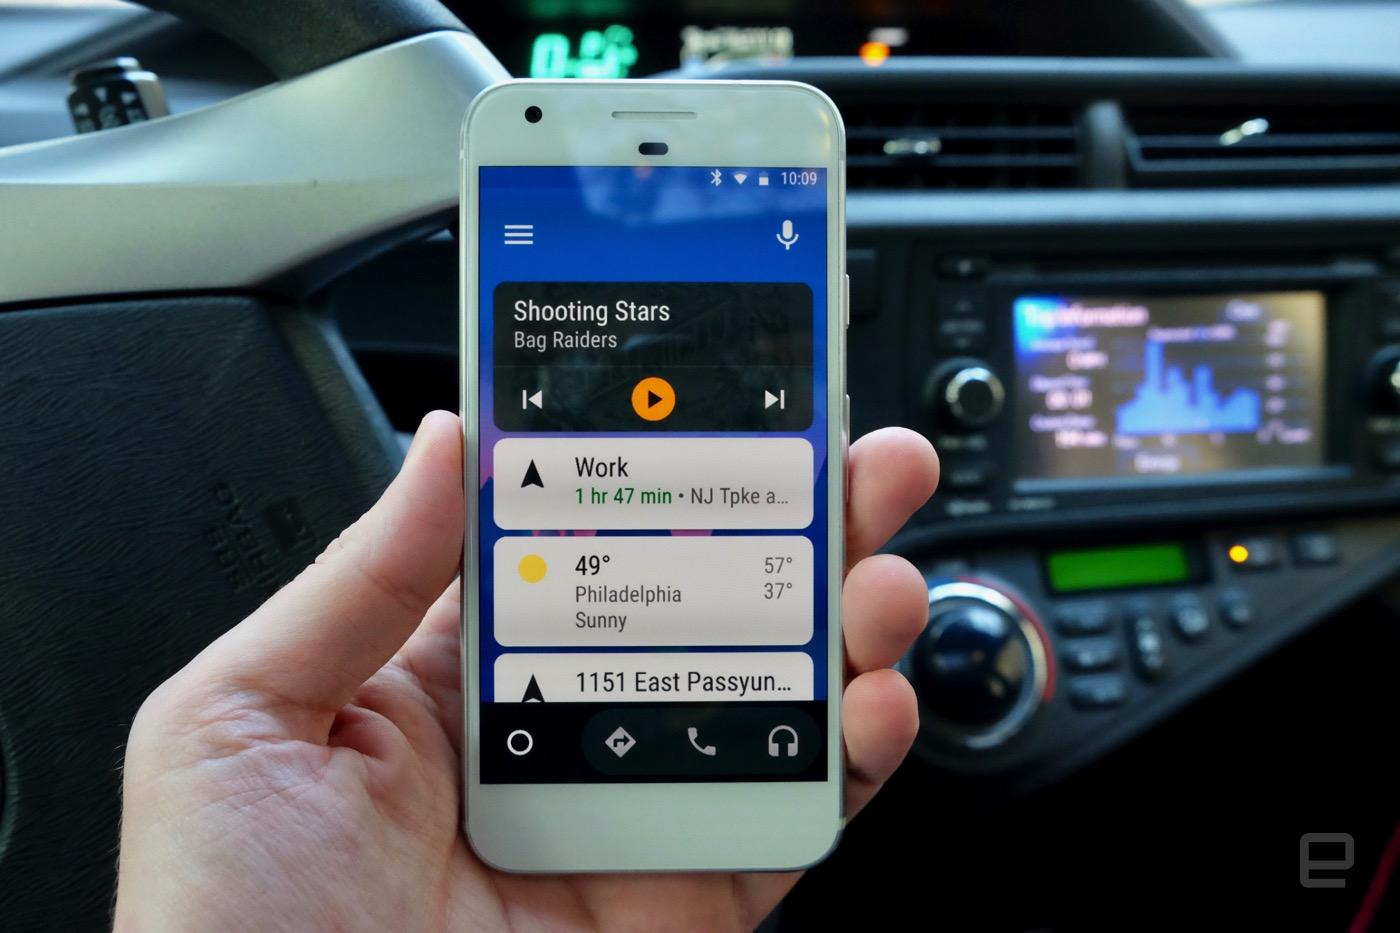 안드로이드오토, 이제 스마트폰에서 이용 가능